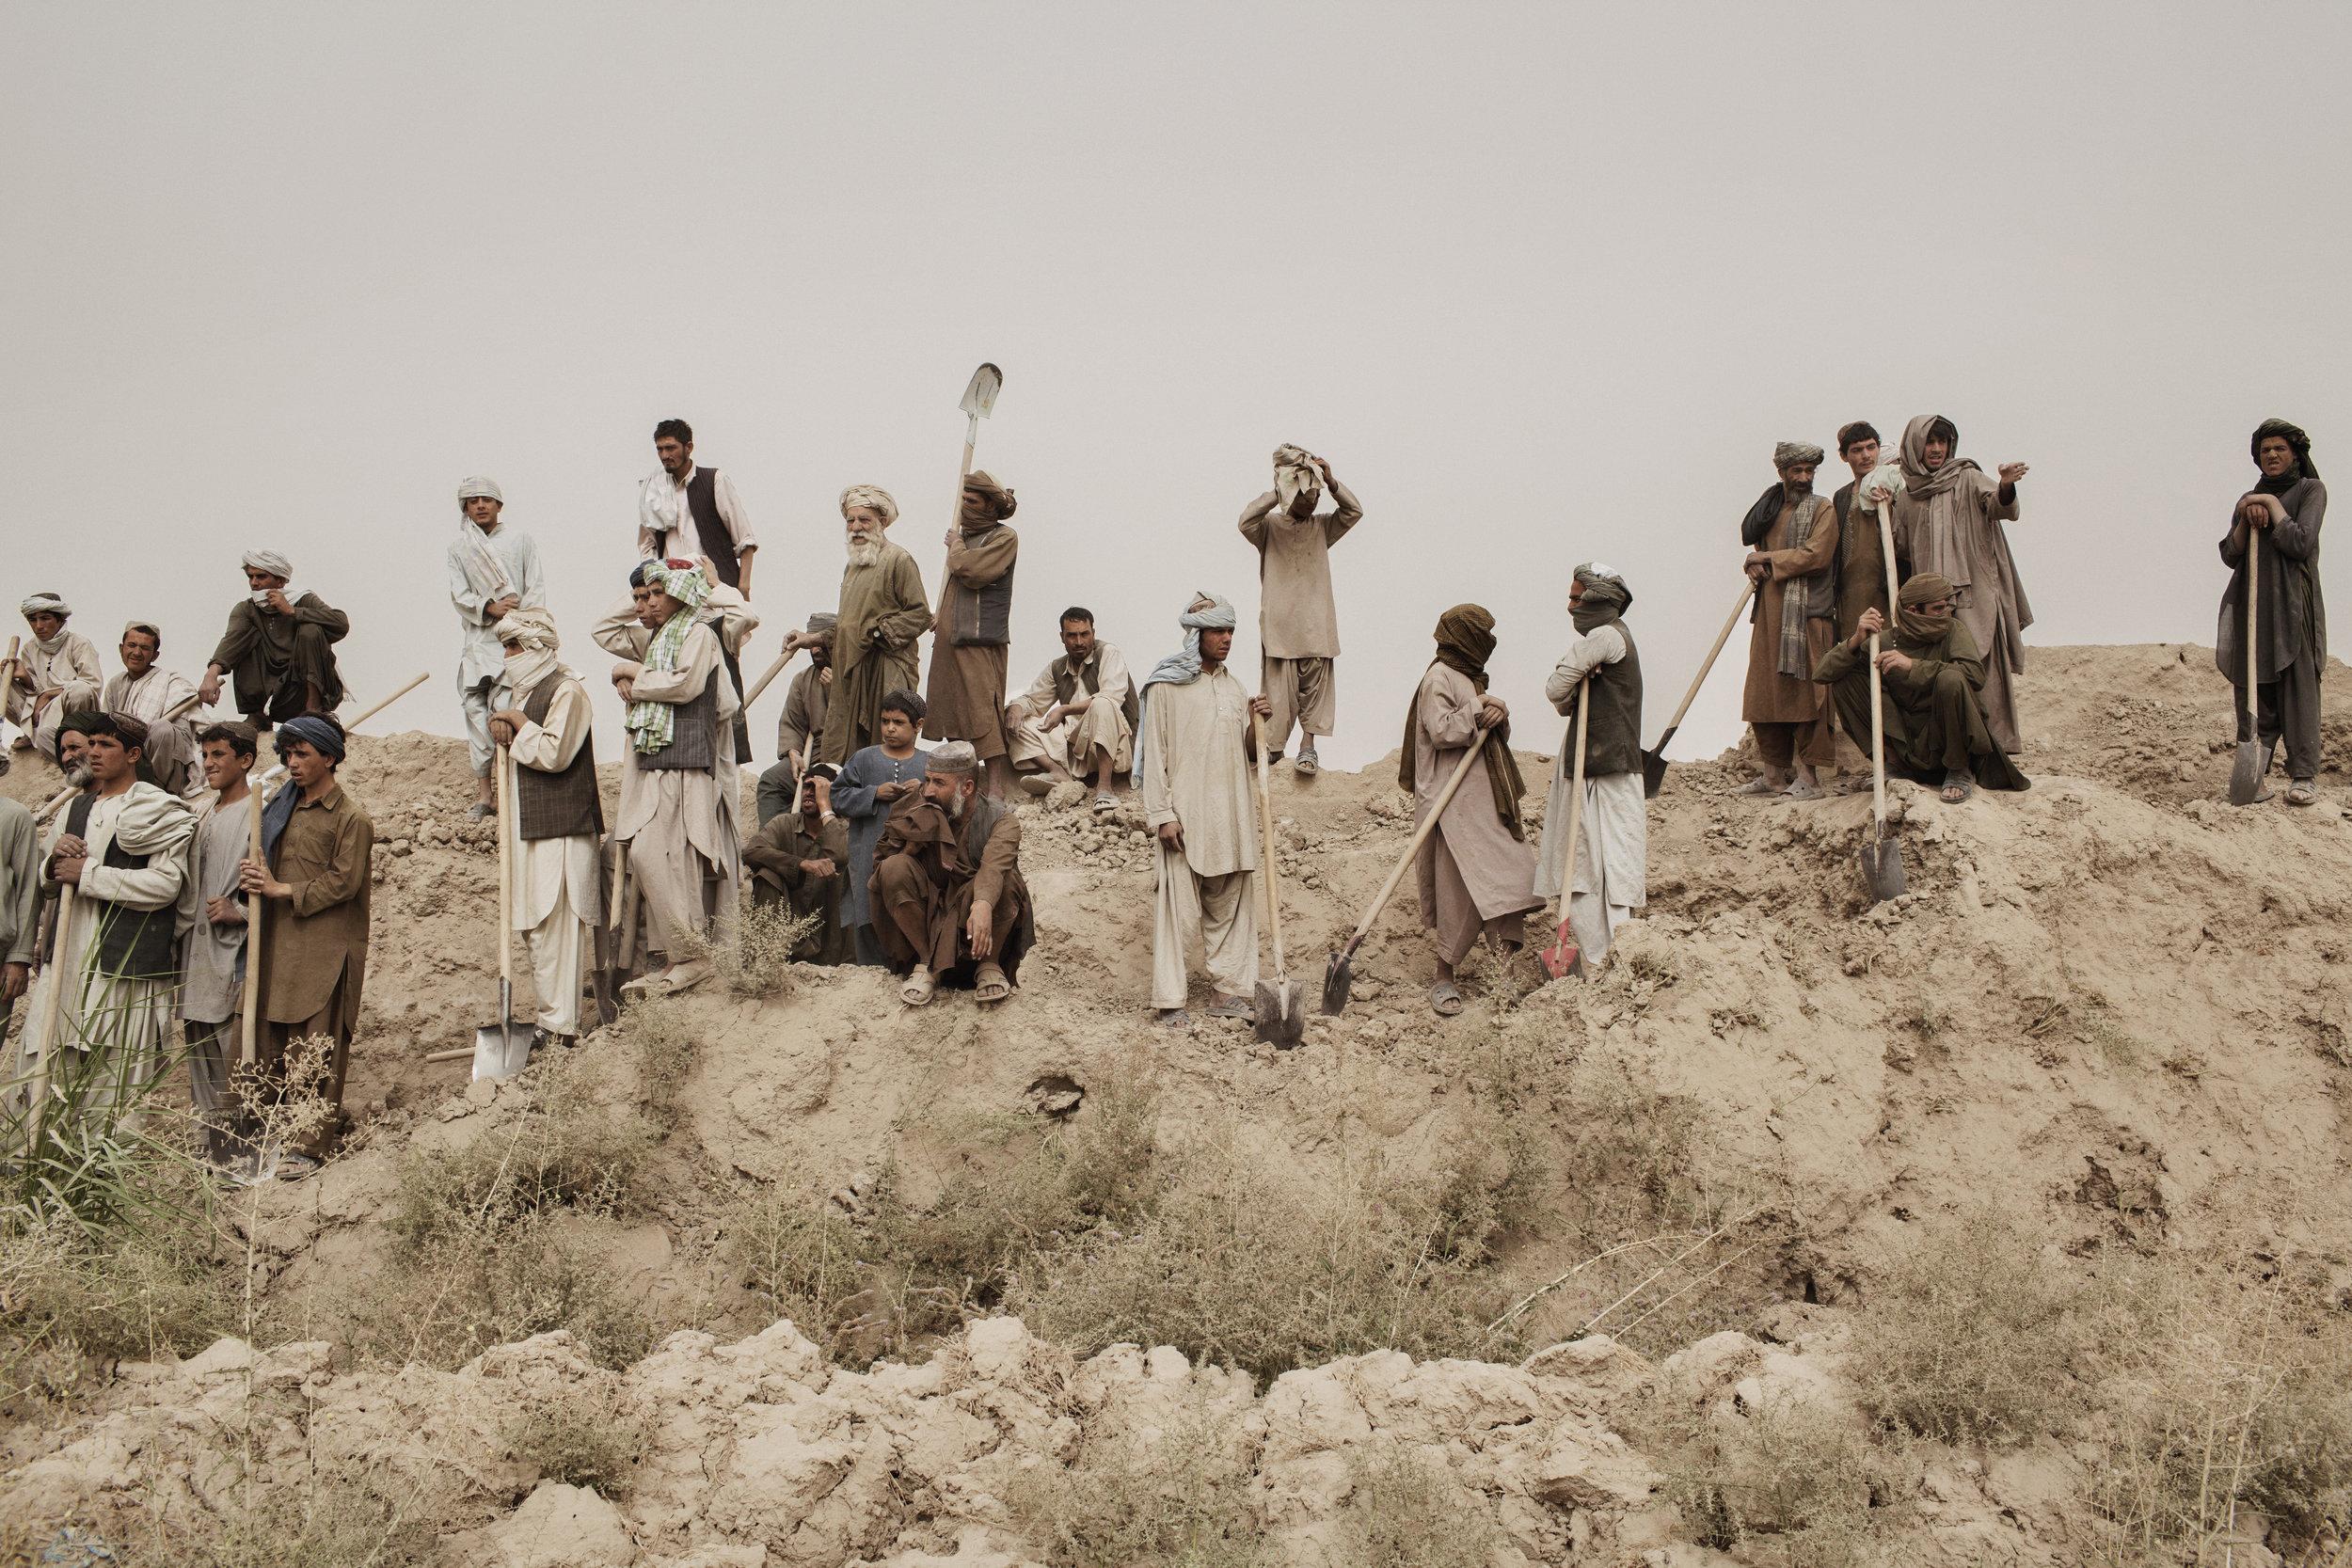 Sebastian_Meyer_Afghanistan_08.jpg